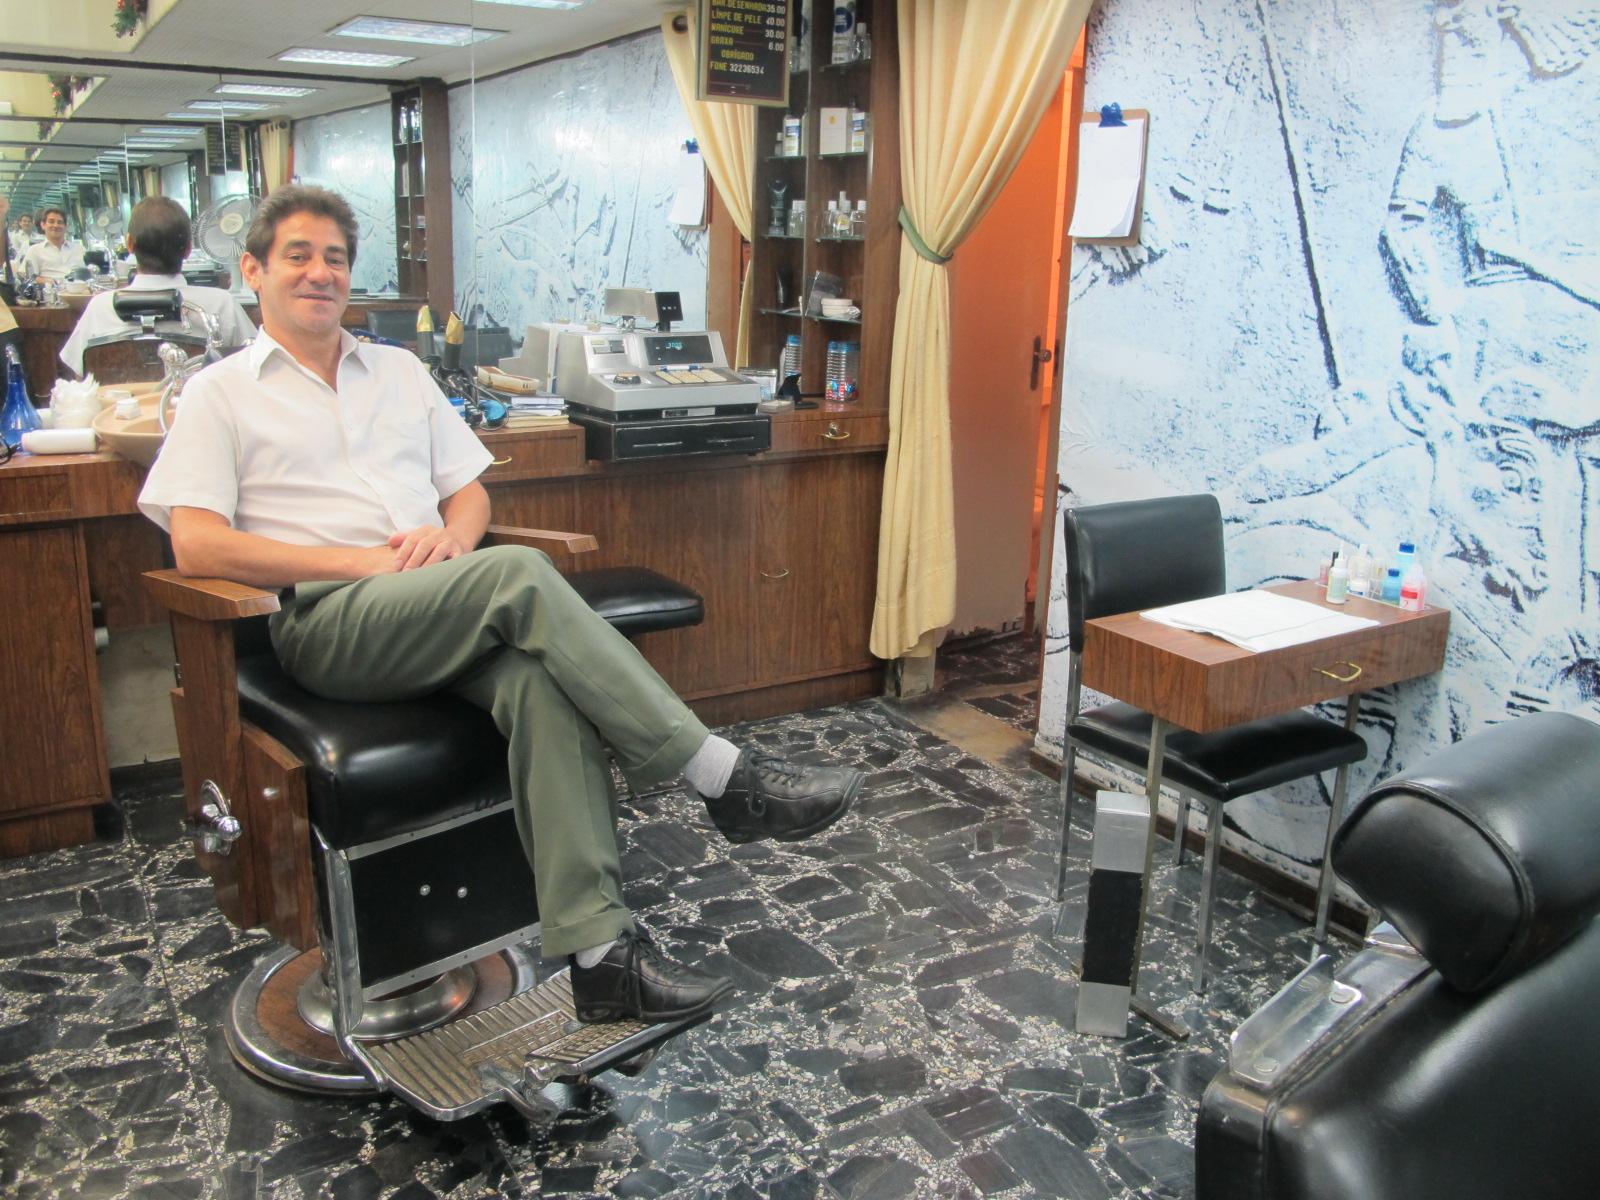 Luis já atendia no Salão Phidias quando os clientes chegavam de terno e gravata. Salão tem cadeiras de madeira, pias individuais e piso de pedra portuguesa (Foto: Márcio Pinho/G1)